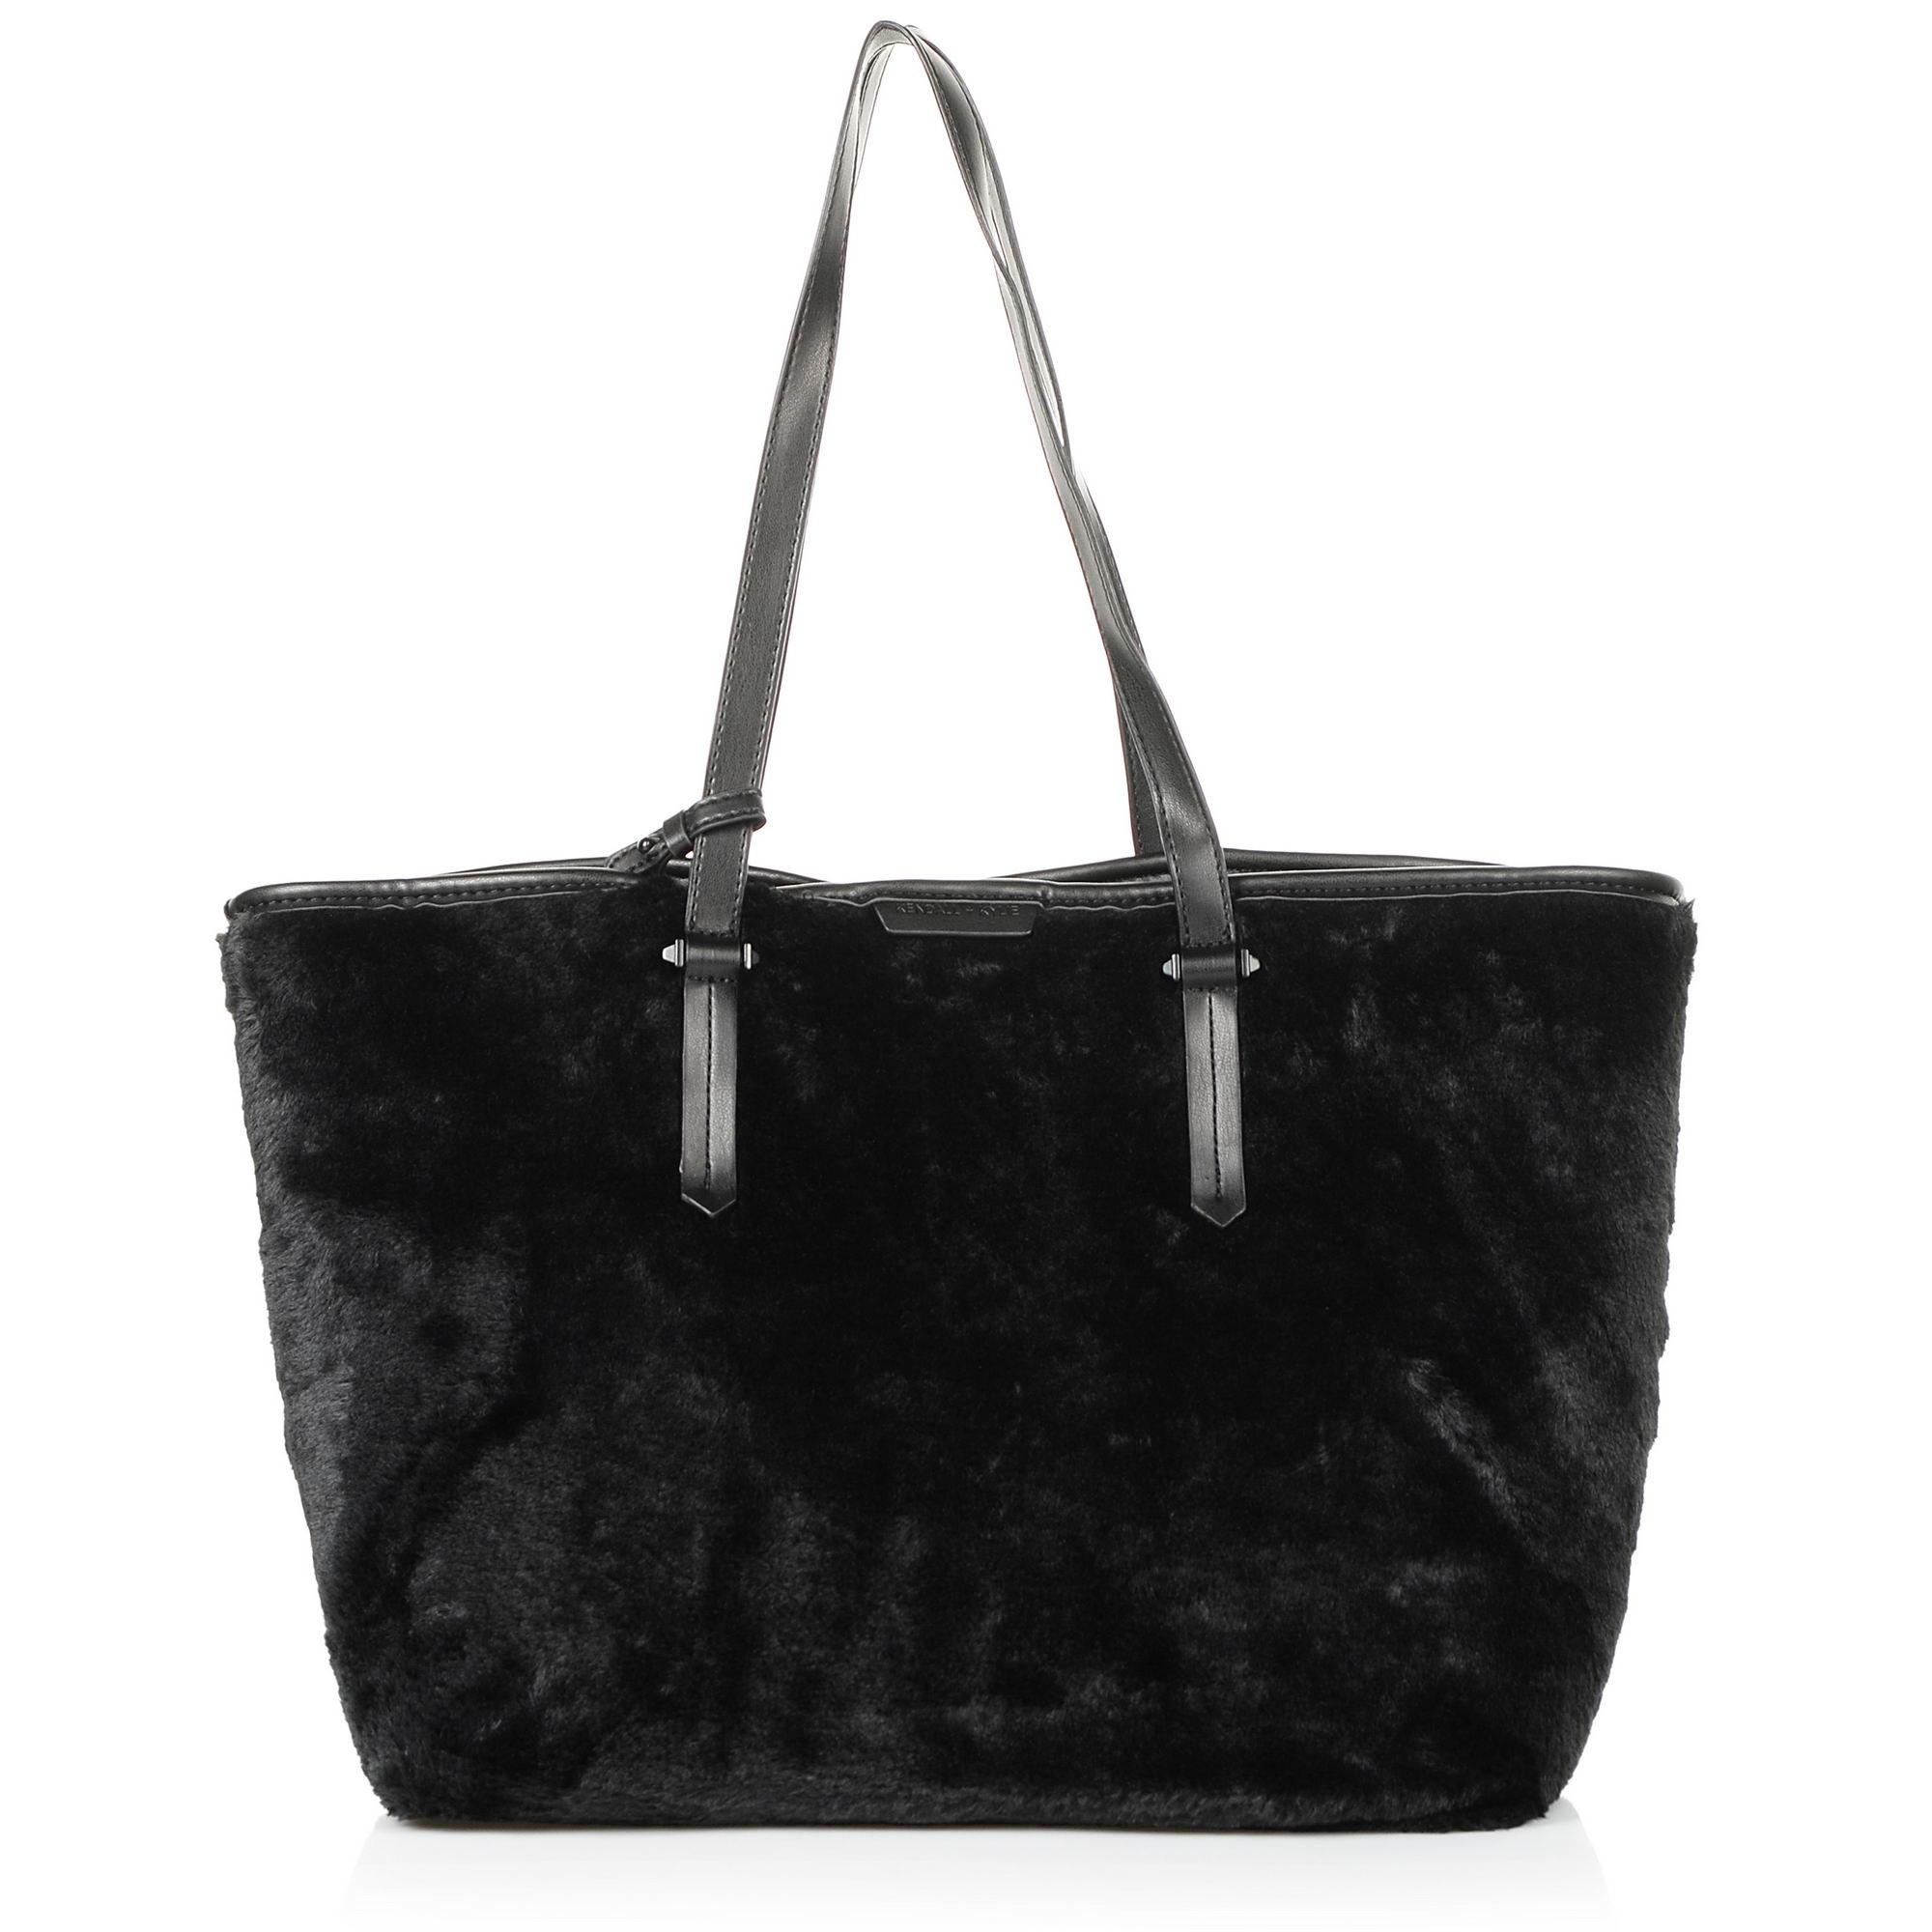 Τσάντα Ώμου Kendall + Kylie ΗΒKK-318-0020Β